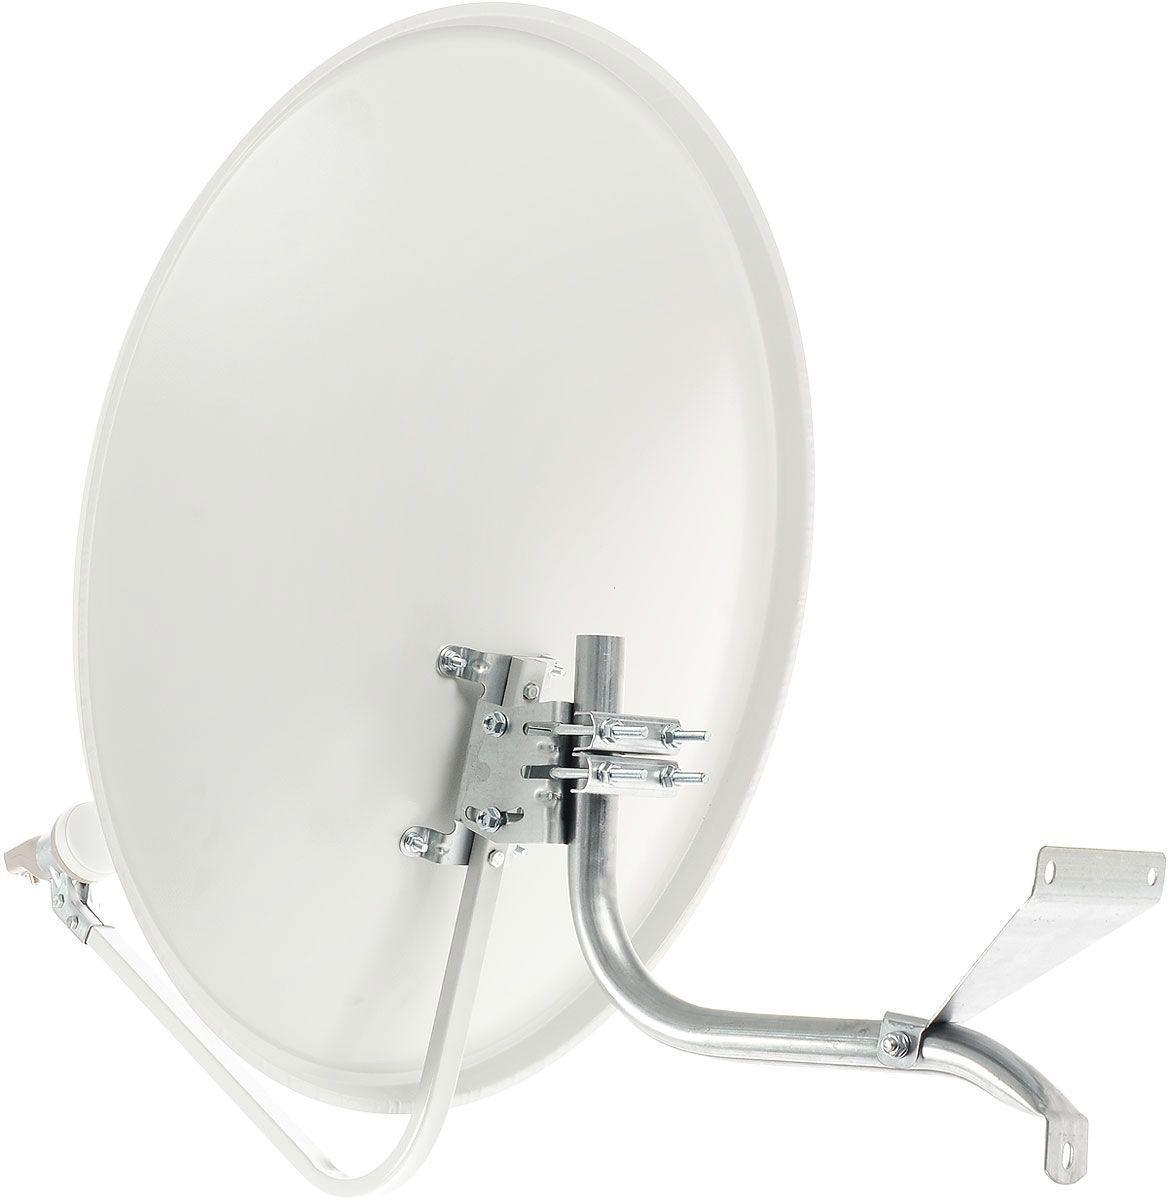 МТС комплект спутникового ТВ № 1674630003204998Комплект включает в себя все необходимое для подключения Спутникового ТВ МТС и полноценного использования всех функций настоящего спутникового ТВ. Смотрите более 128 интересных и популярных телеканалов в отличном качестве, включая 32 HD-каналов. Комплект Спутникового ТВ включает в себя: Антенну с установочным комплектом (кронштейн крепления антенны, комплект крепежа к кронштейну, кронштейн крепления конвертера) Конвертер Кабель коаксиальный + 2 F-разъема ТВ-приставку с функцией UHD (EKT DSD 4404) Пульт ДУ Справочник абонента SMART-карту МТС Услуга на месяц ТВ-пакет Базовый